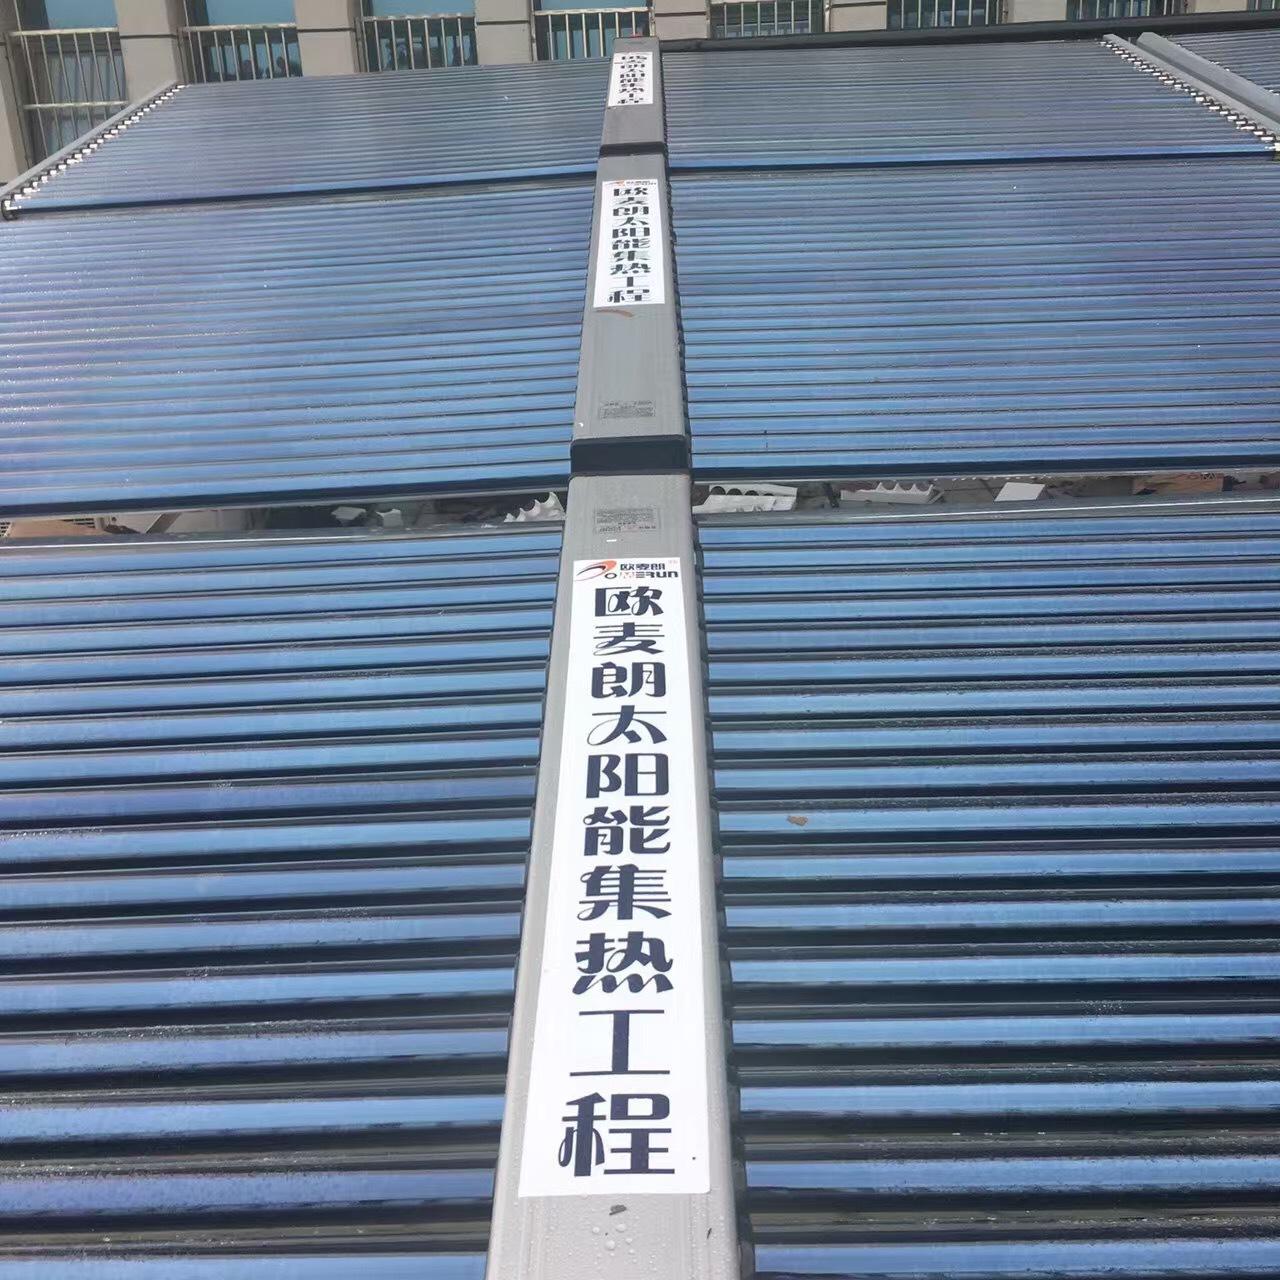 真空管太阳能热水器 平板集热器 太阳能集热系统 太阳能集中供热示例图4